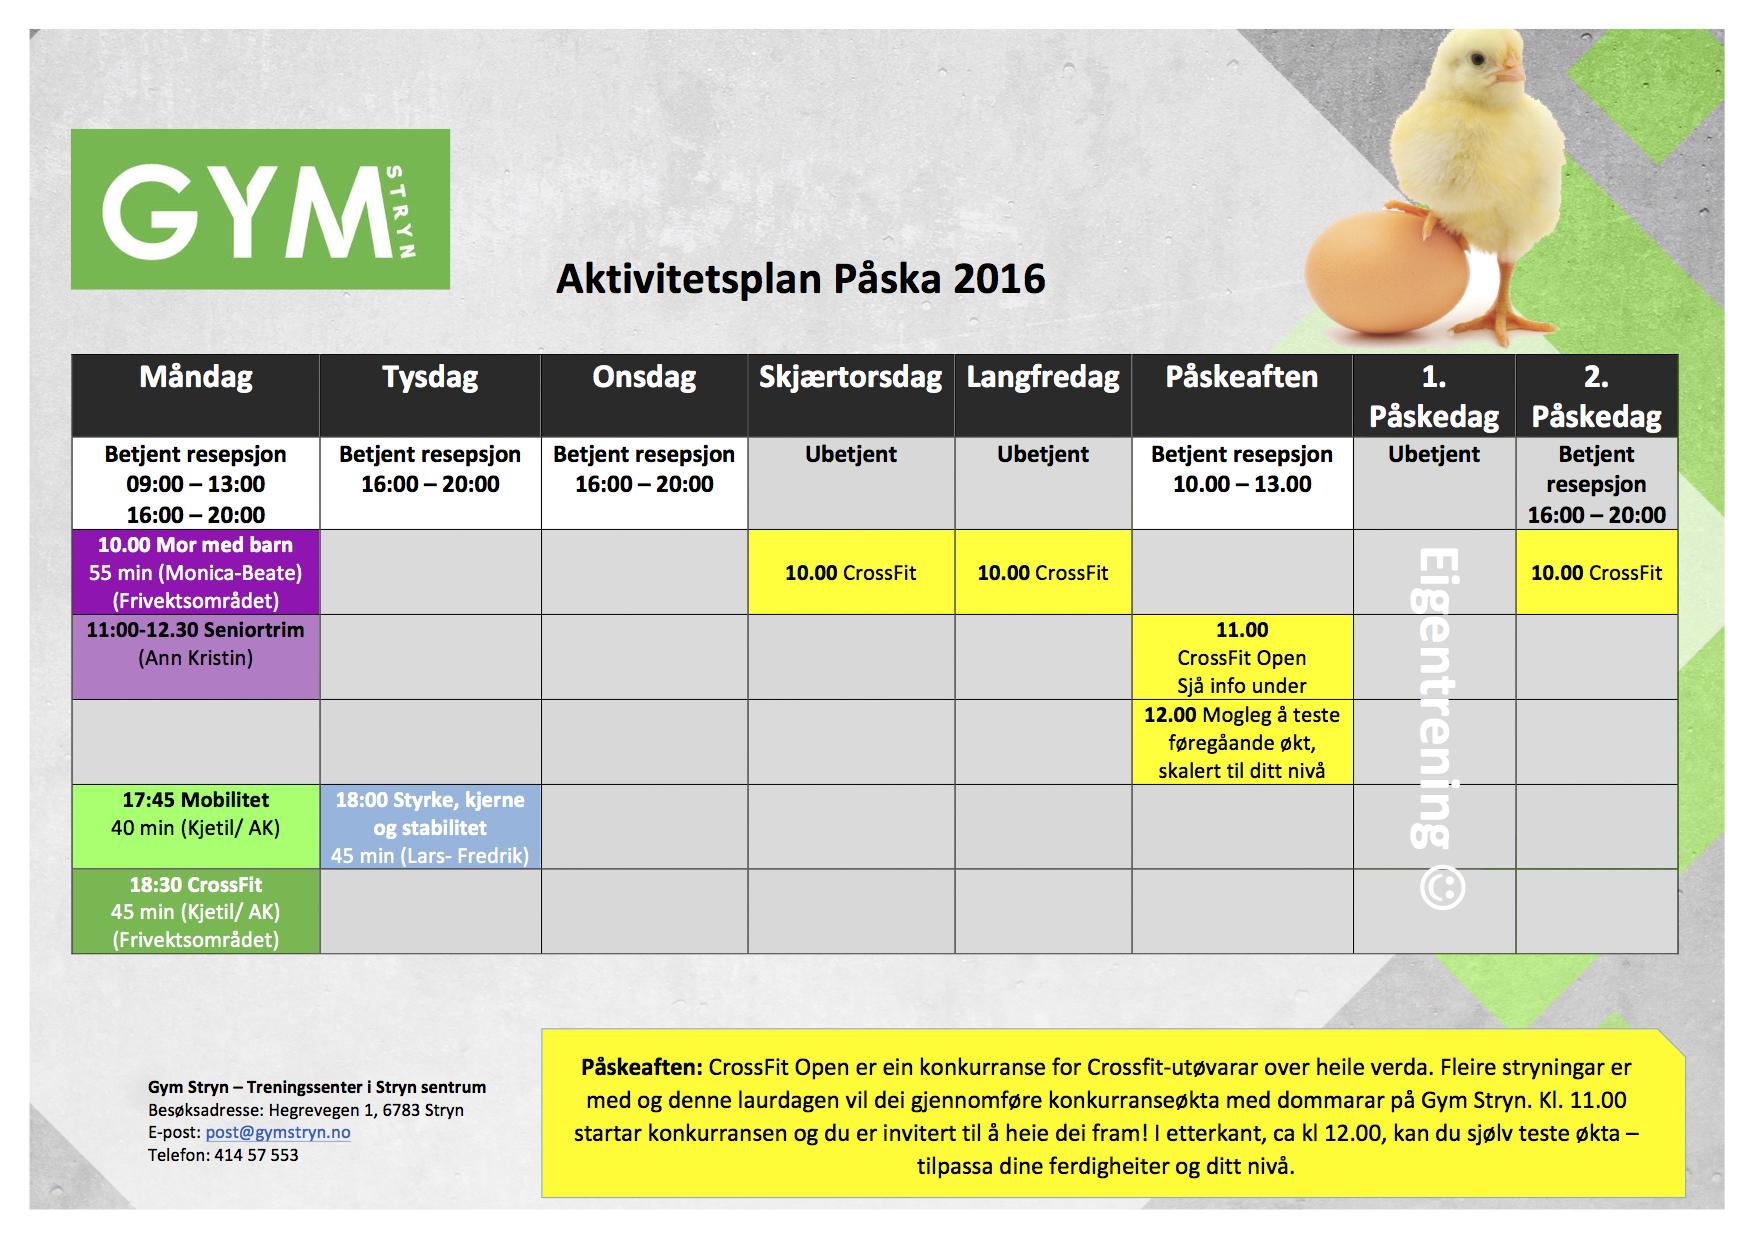 Aktivitetsplan påska 2016